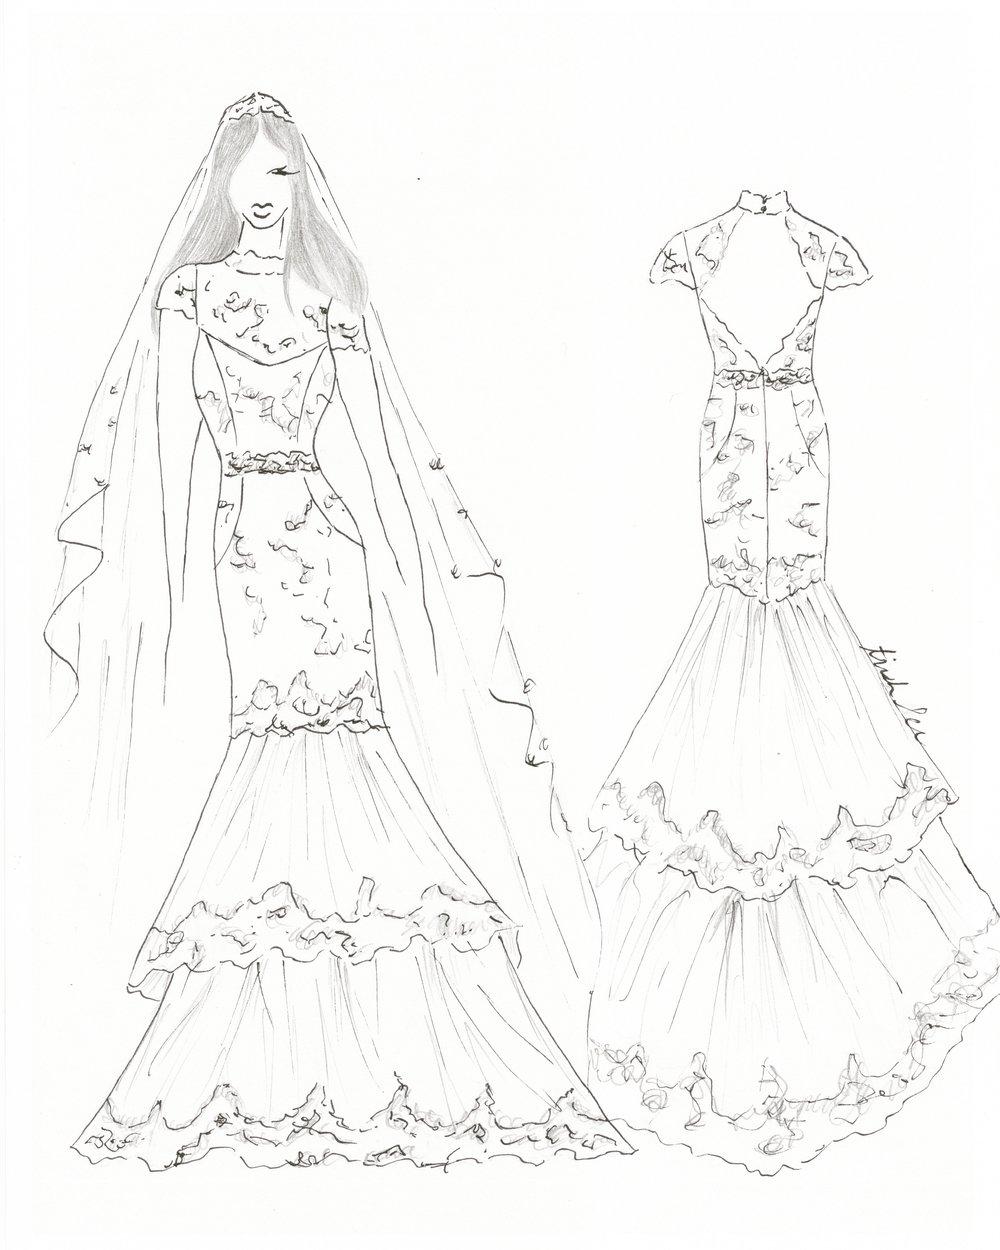 San Francisco wedding dress designer Trish Lee's vision of Meghan Markle's wedding dress